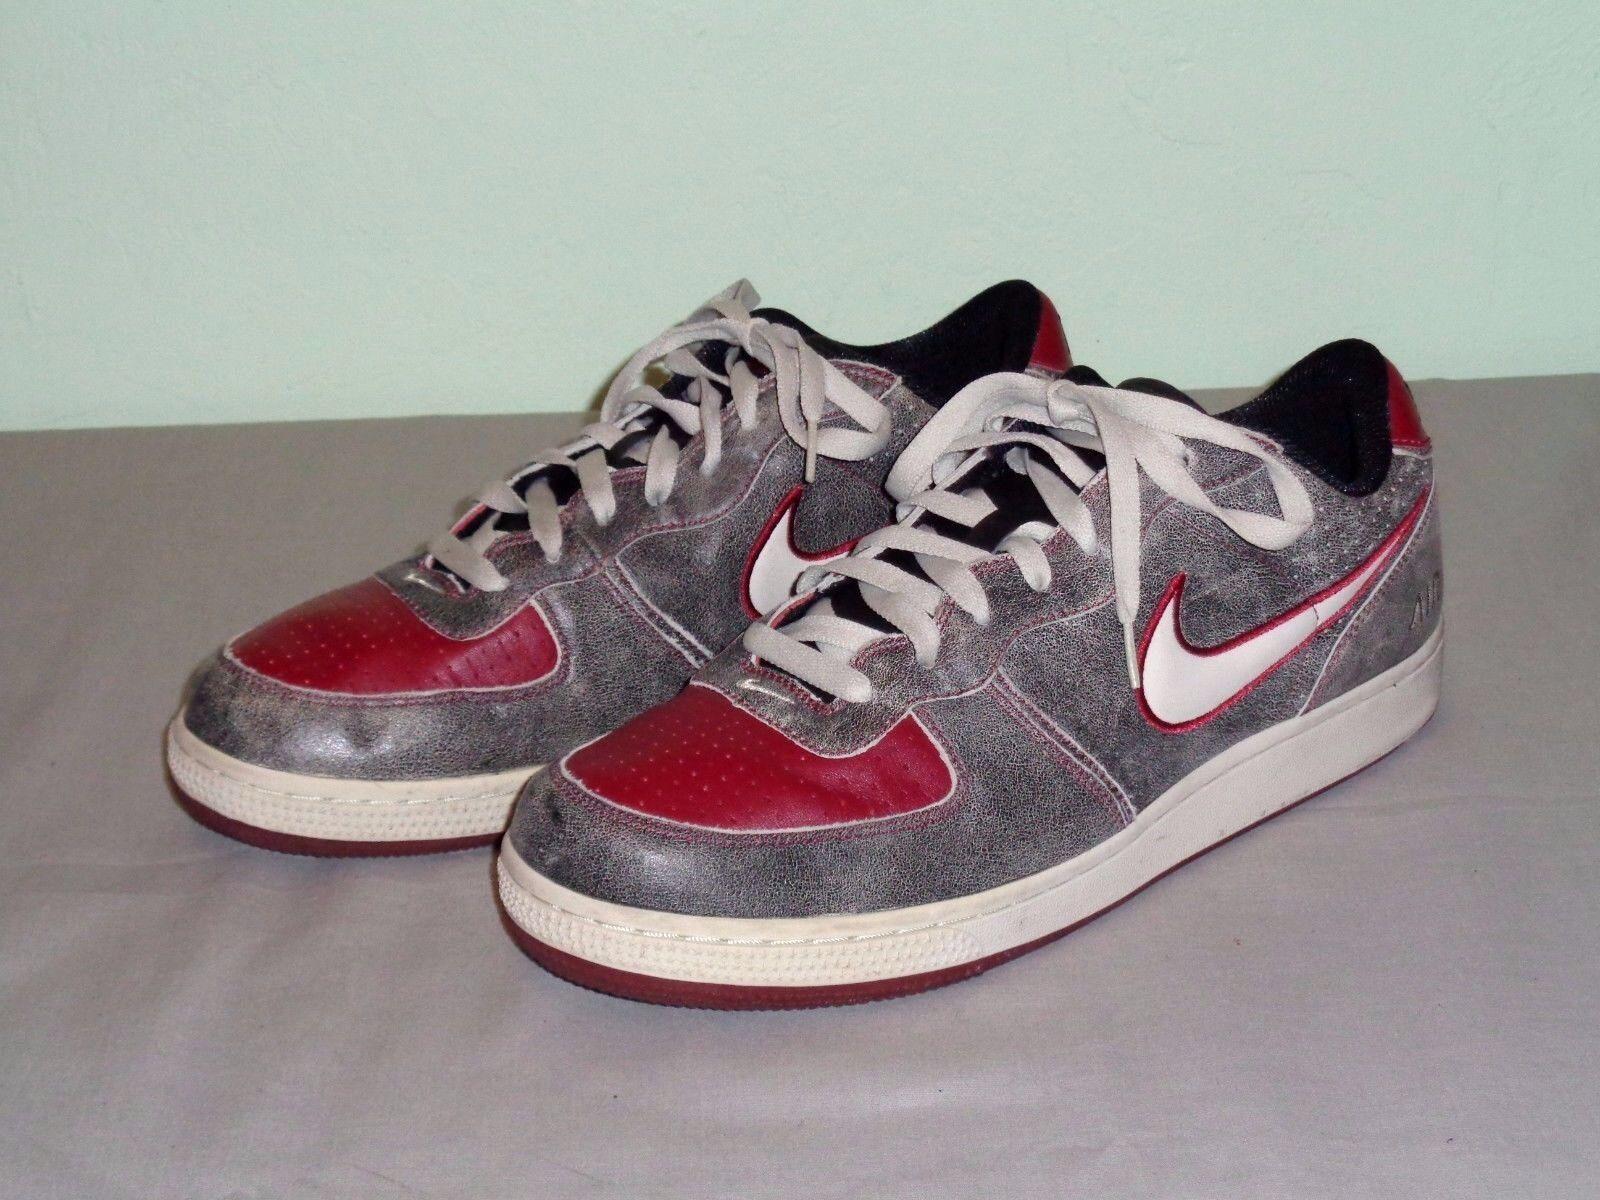 Nike Zoom Air Low rojo retro infiltrado hombres negro rojo Low 311191-0tamaño de hueso bf93c9